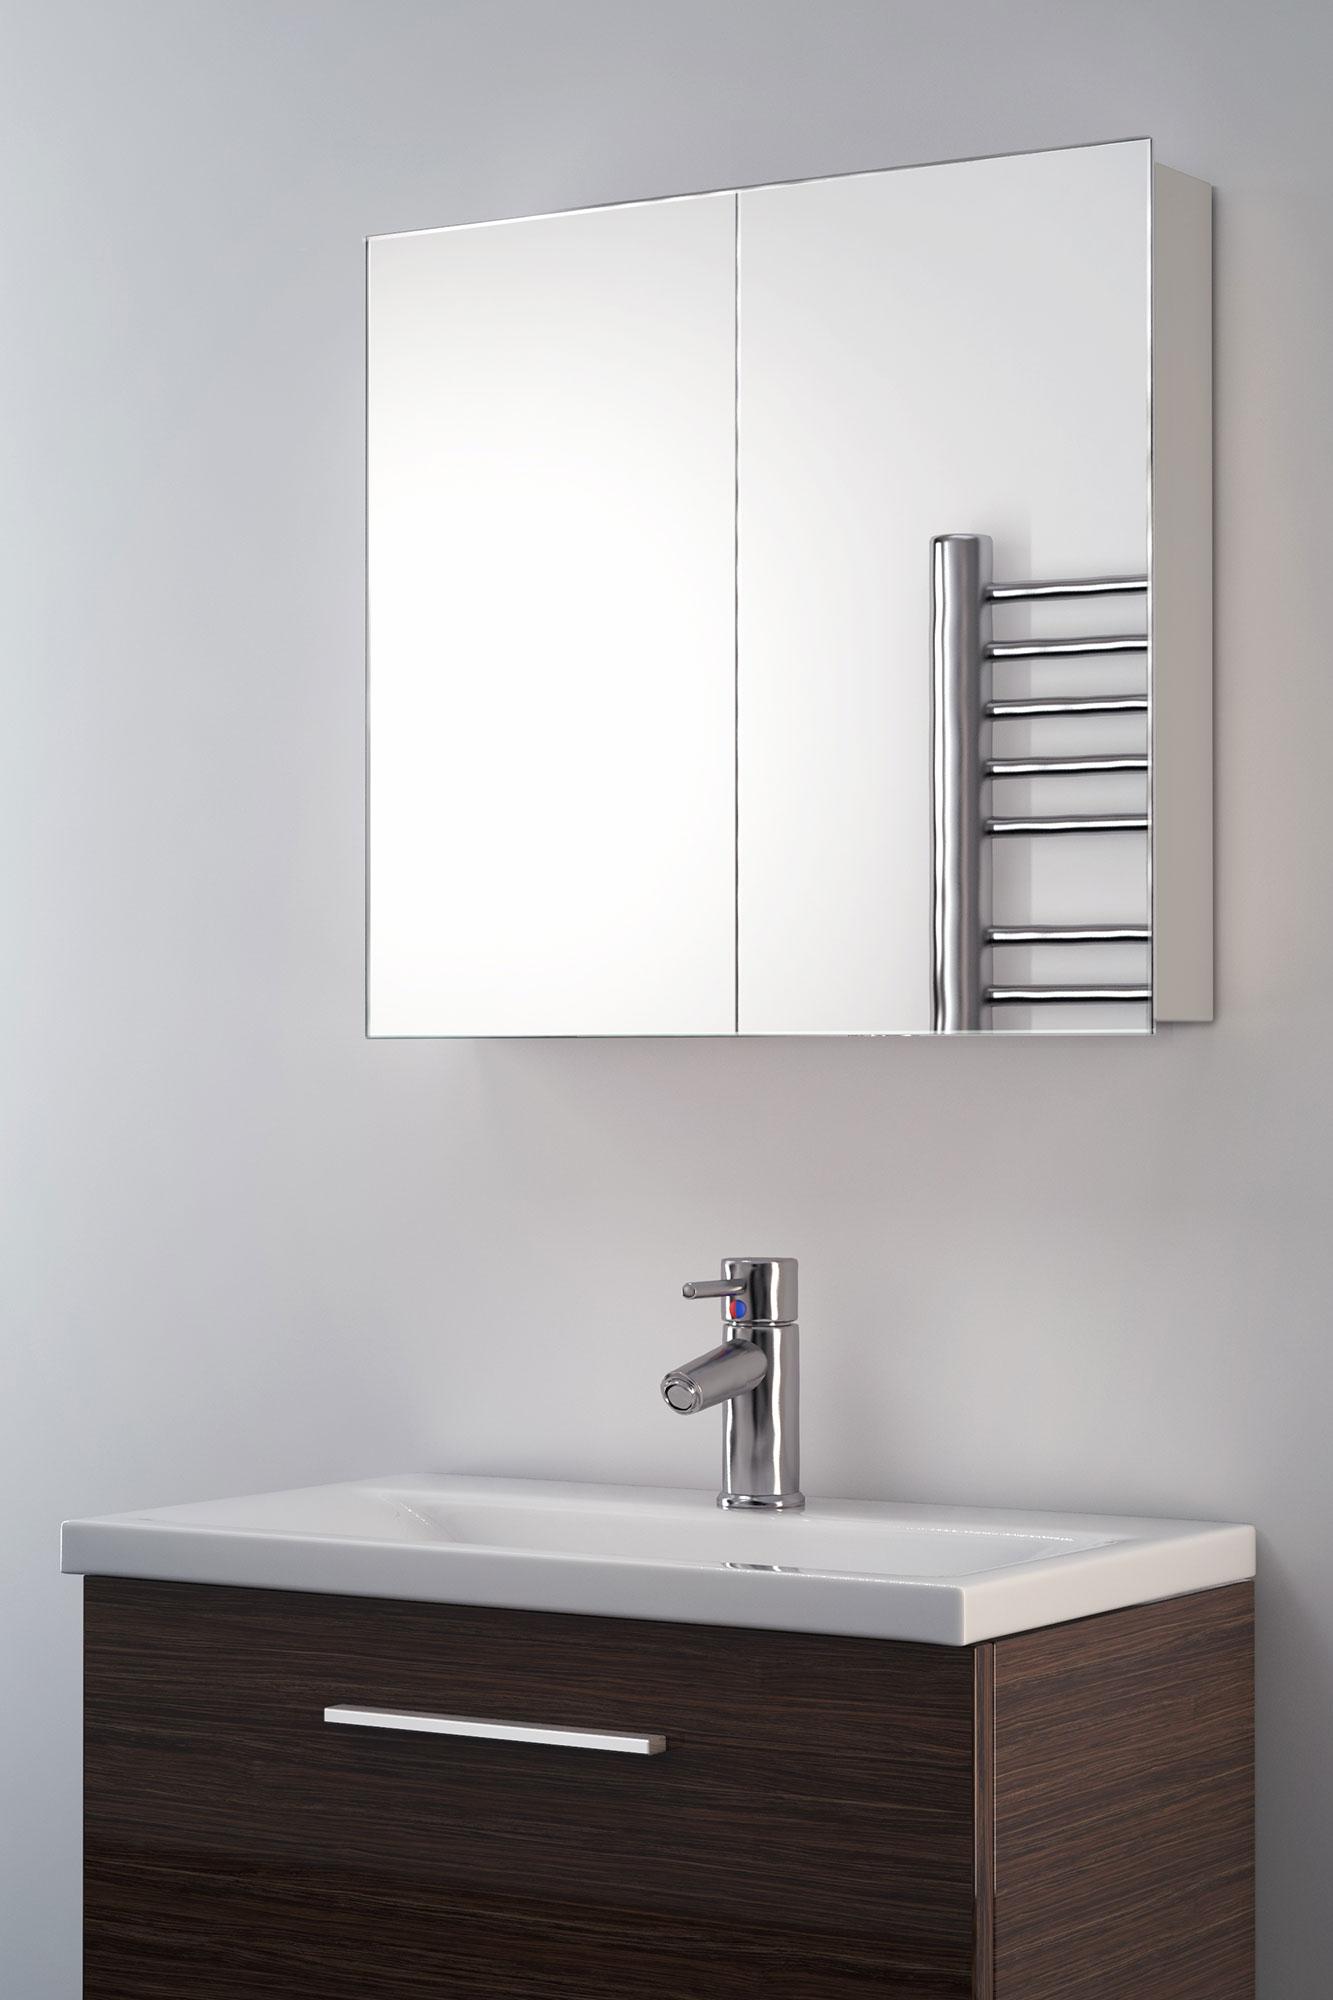 Armadietto con specchio da bagno eleanor ebay - Armadietto bagno con specchio ...